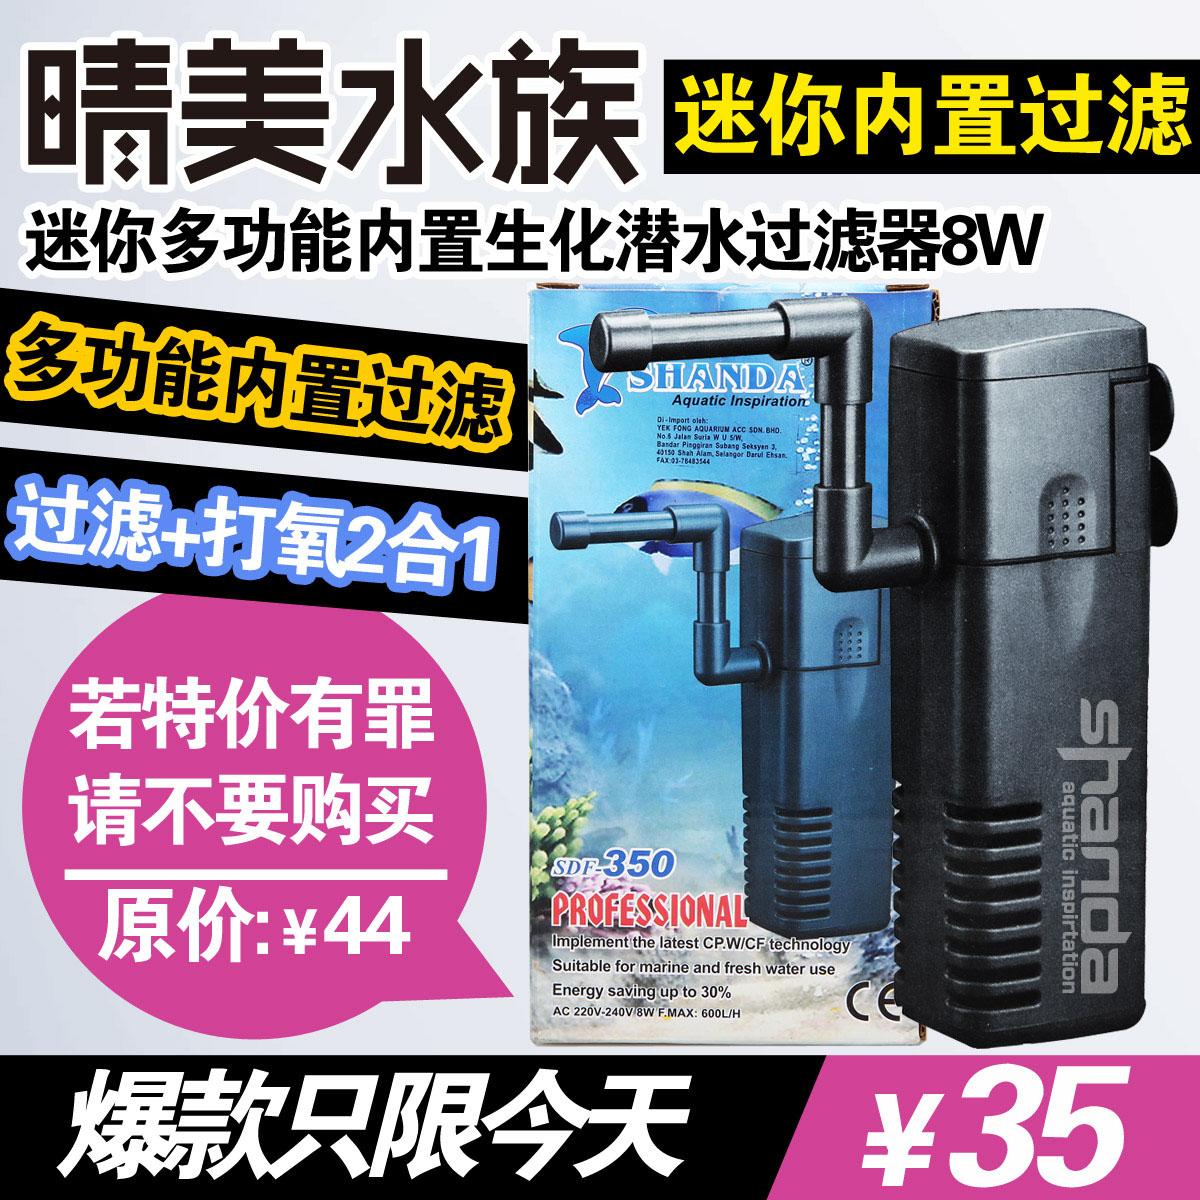 仙达 过滤器水族静音氧气泵内置过滤器潜水泵三合一内置过滤泵8W